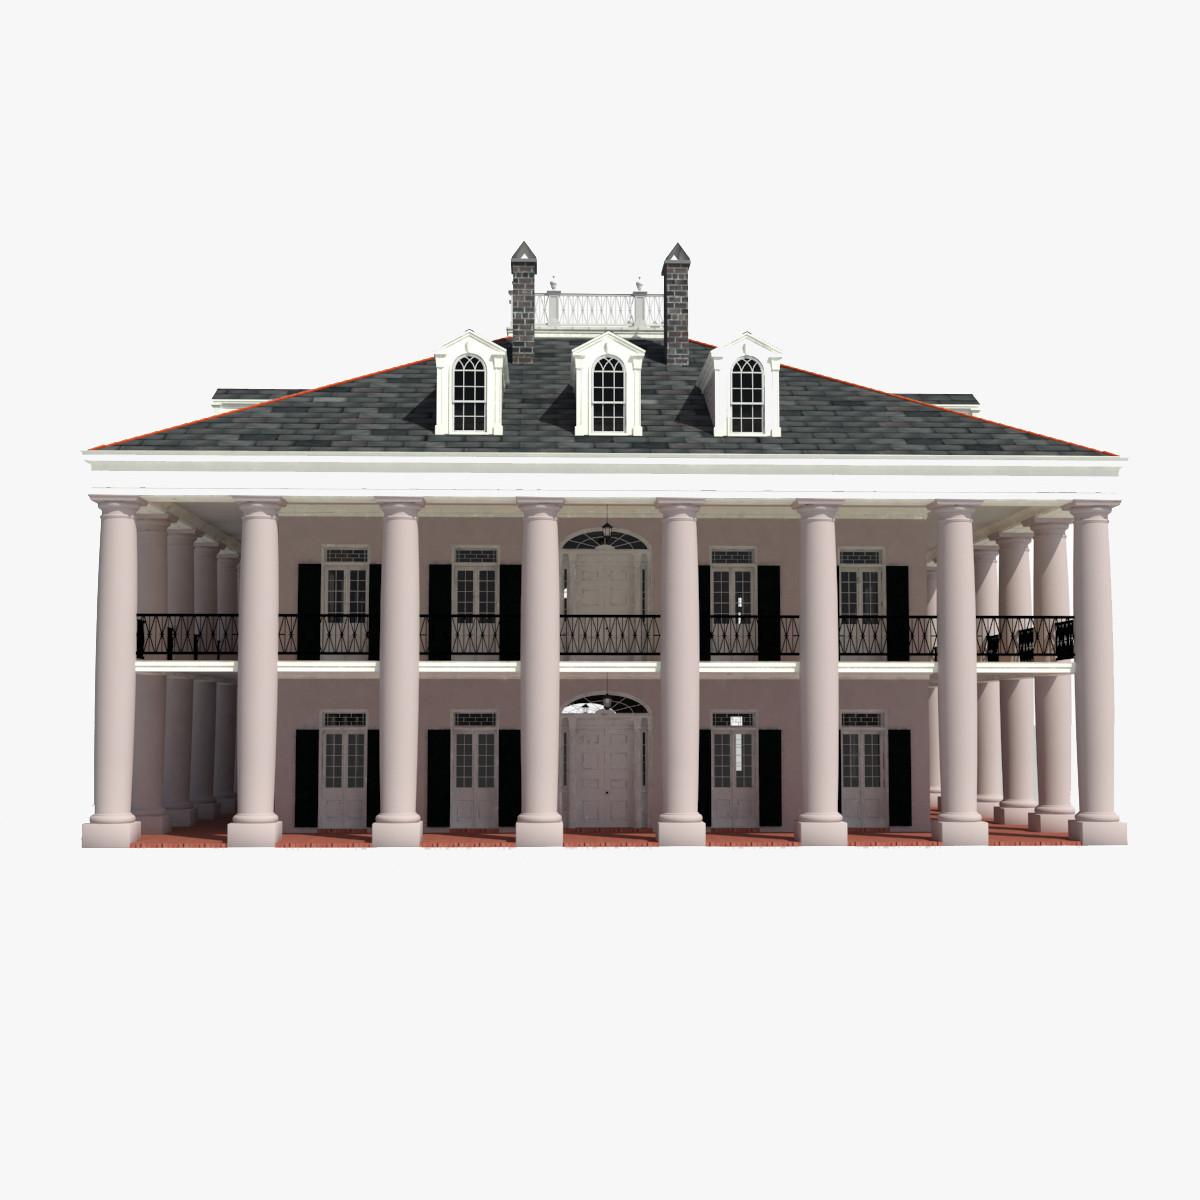 plantation house rn01.jpg